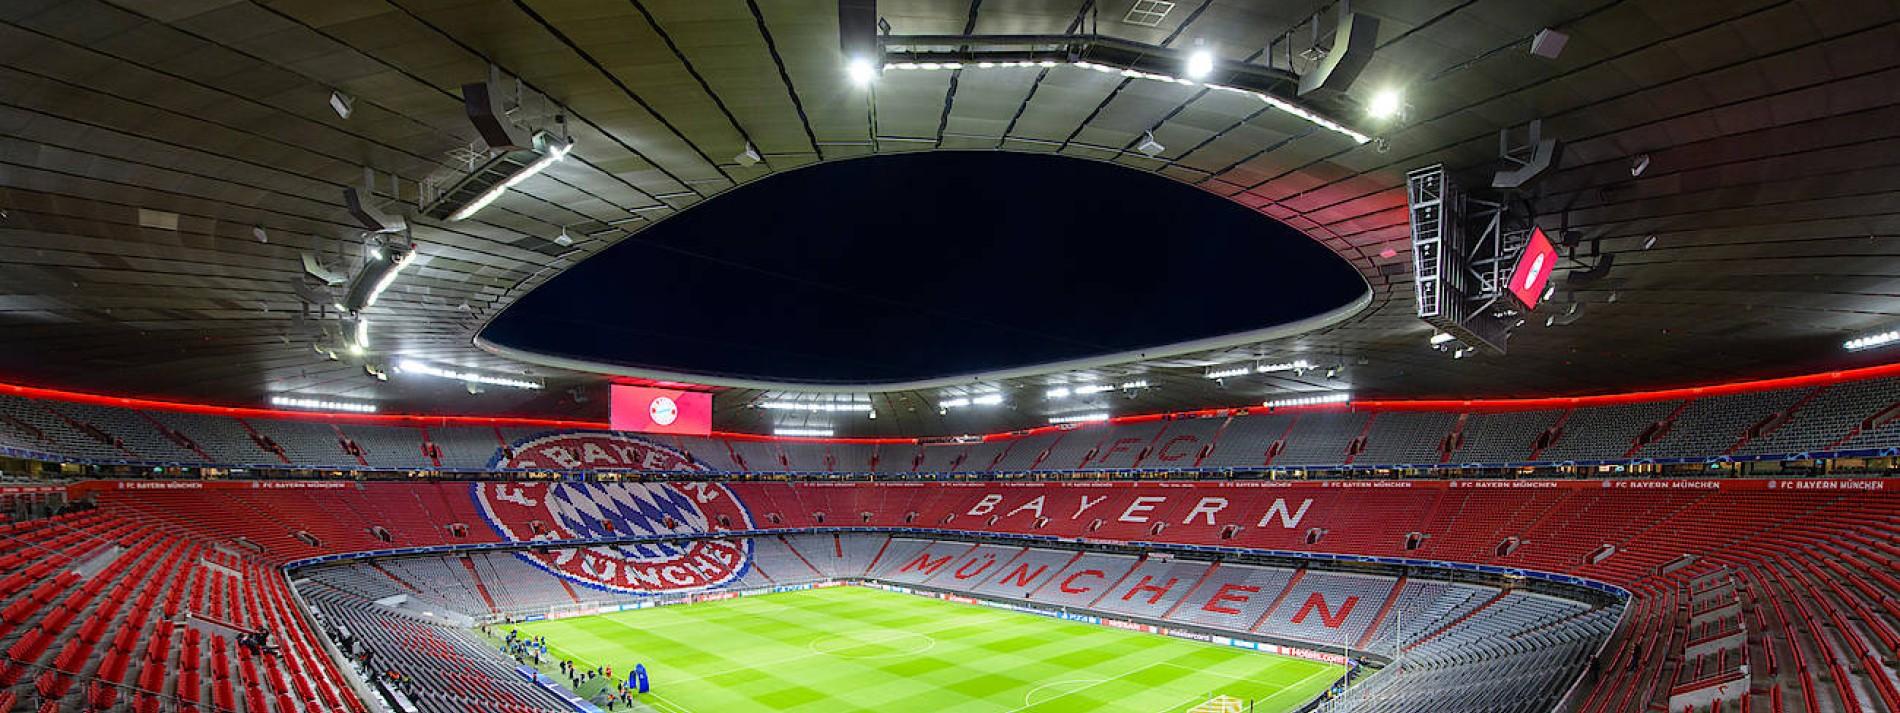 Den Bayern fehlen Zuschauer am wenigsten